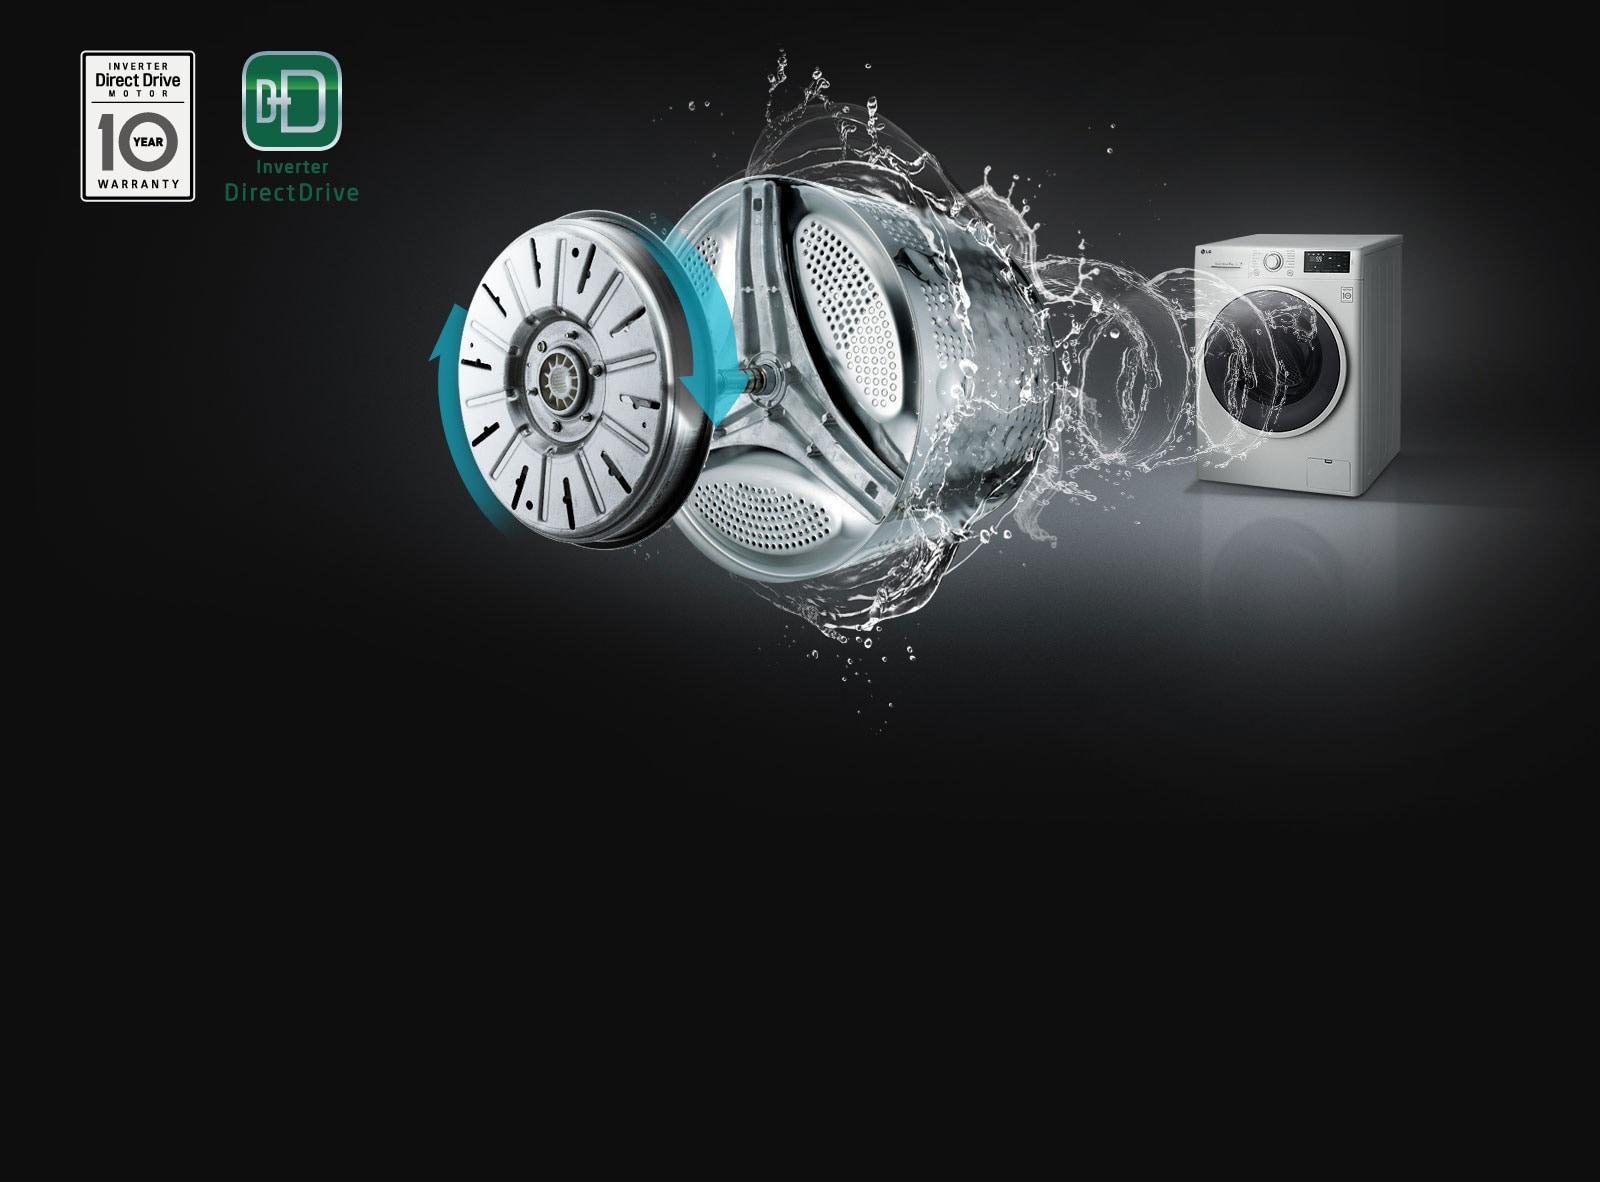 Menos ruido y vibración con Inverter Direct Drive1